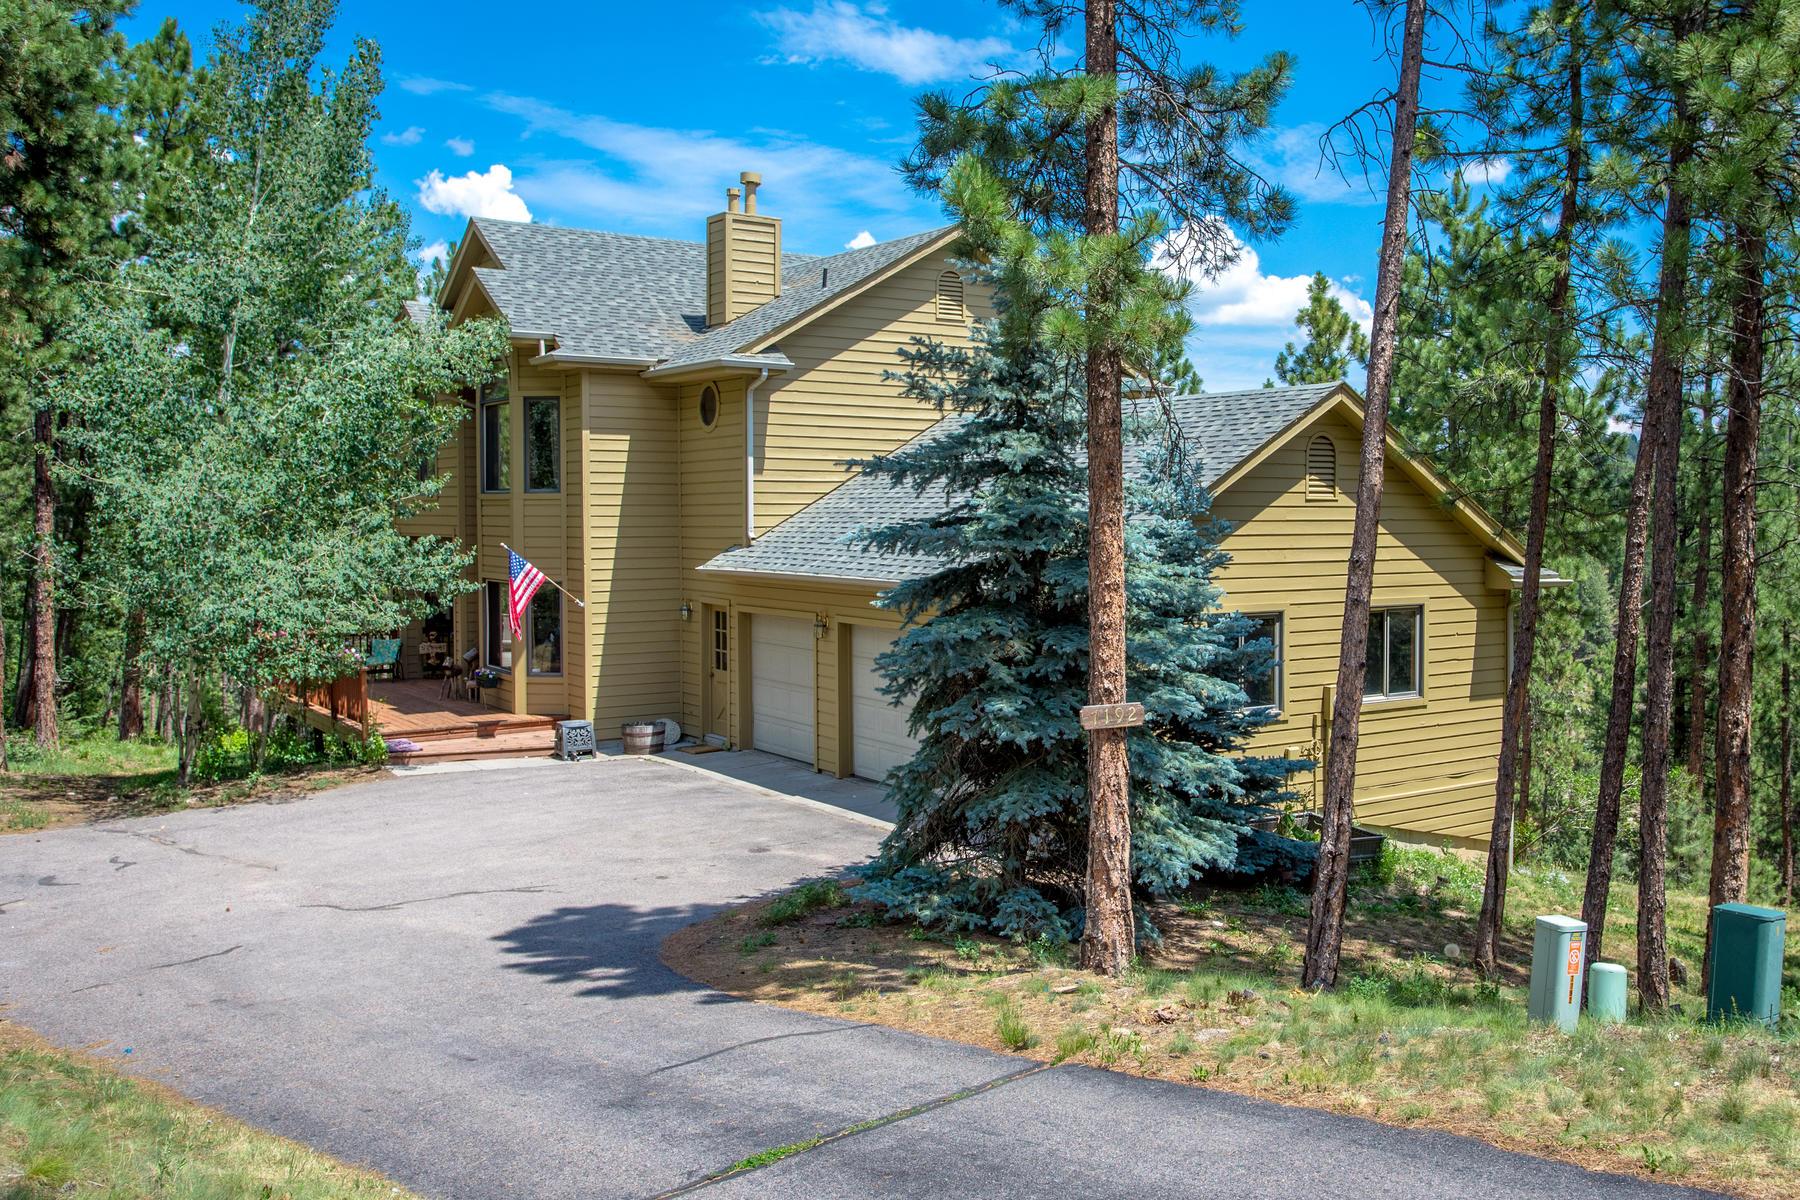 Maison unifamiliale pour l Vente à 7192 Pinewood Drive 7192 Pinewood Drive, Evergreen, Colorado, 80439 États-Unis